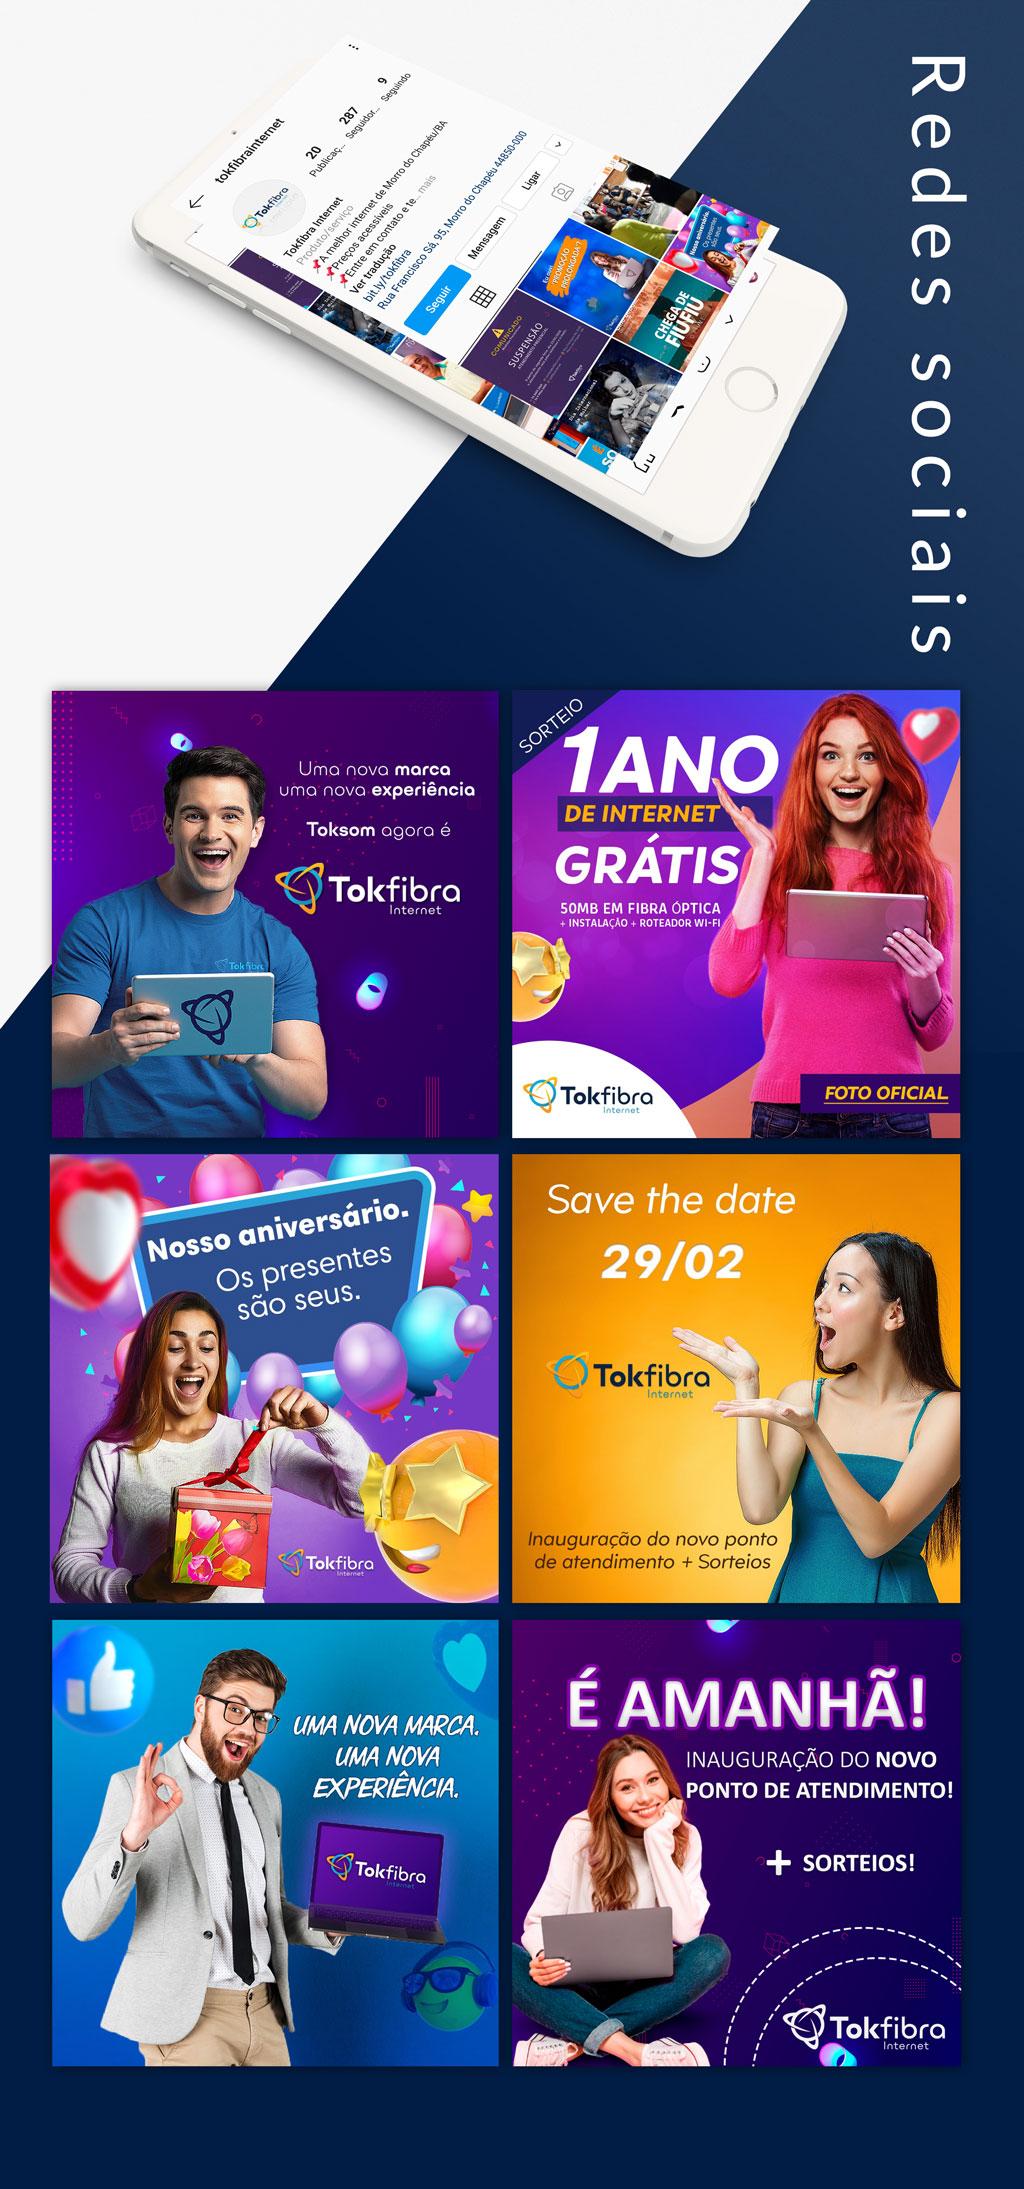 gestao-de-midias-sociais-para-provedores-de-internet-telecom-tokfibra